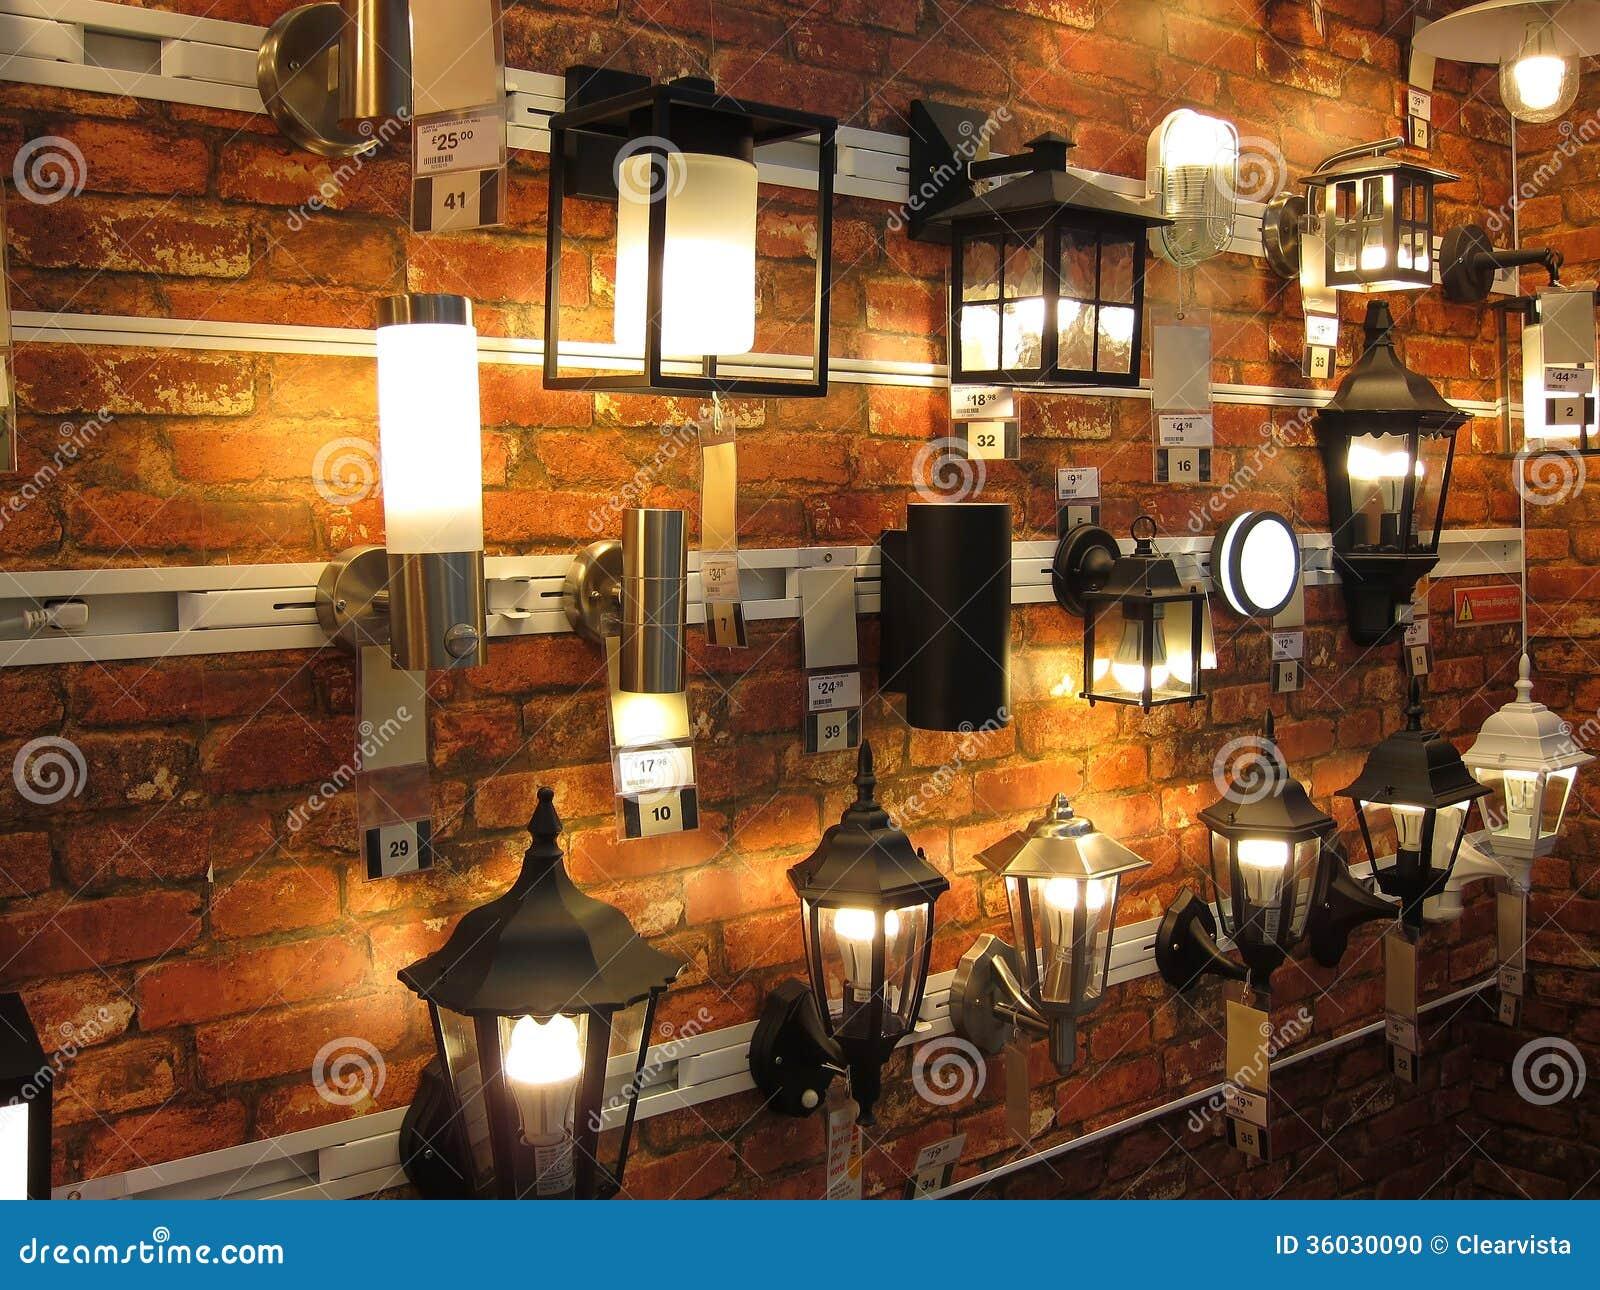 Exhibición ecléctica de la lámpara de pared en una tienda de la iluminación.